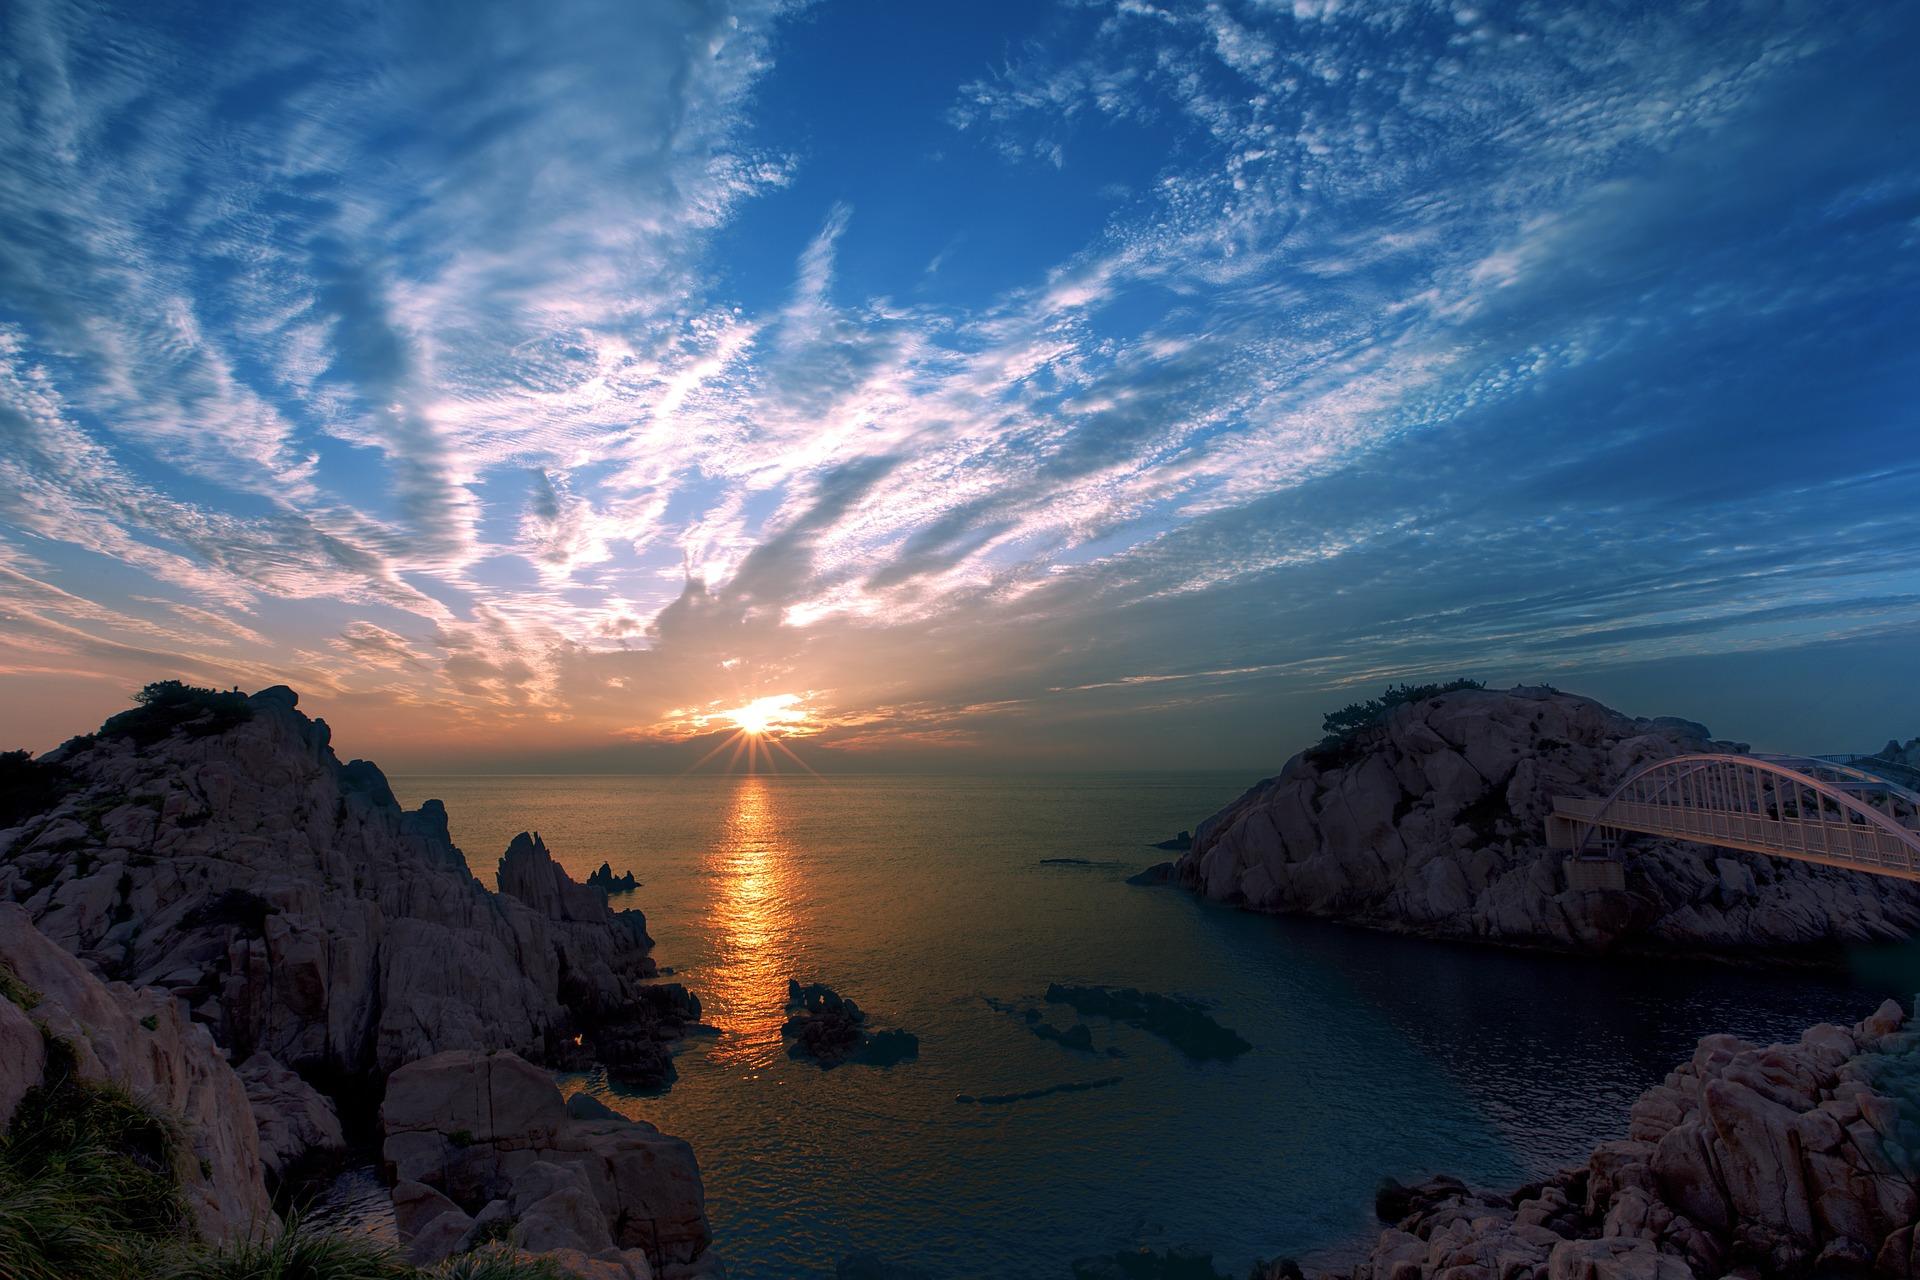 아름다운 일출. 주님의 세계는 참 아름답습니다.